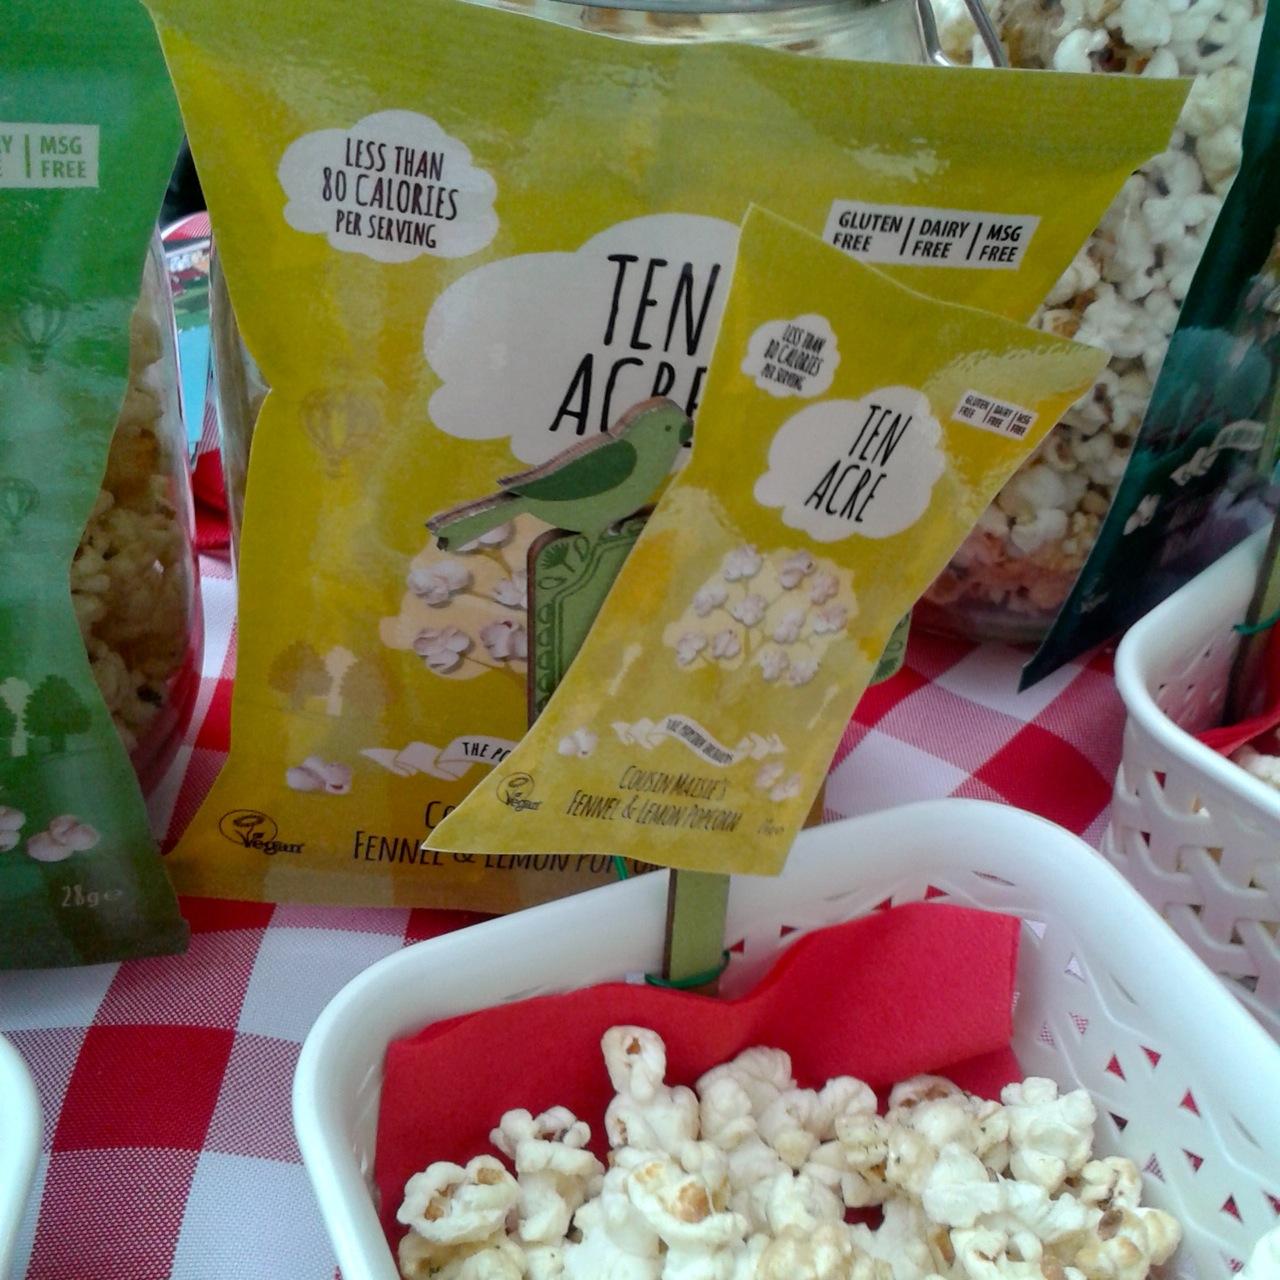 http://i0.wp.com/fatgayvegan.com/wp-content/uploads/2014/09/ten-acres-popcorn.jpg?fit=1280%2C1280